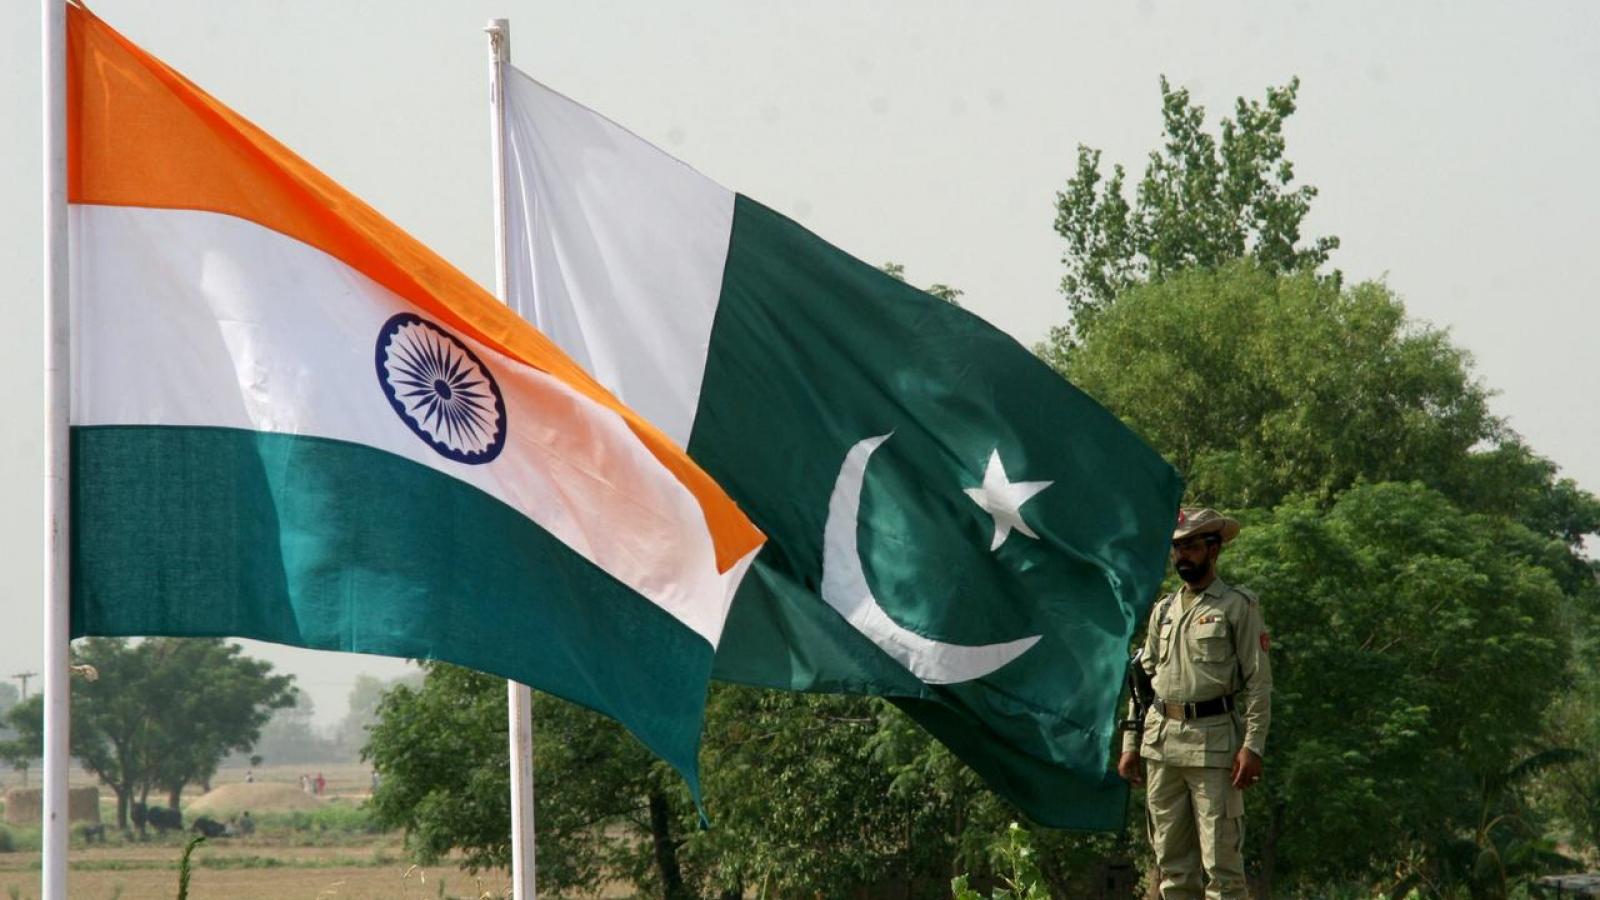 Ấn Độ: 3 binh lính thiệt mạng trong vụ đụng độ với Pakistan tại Kashmir